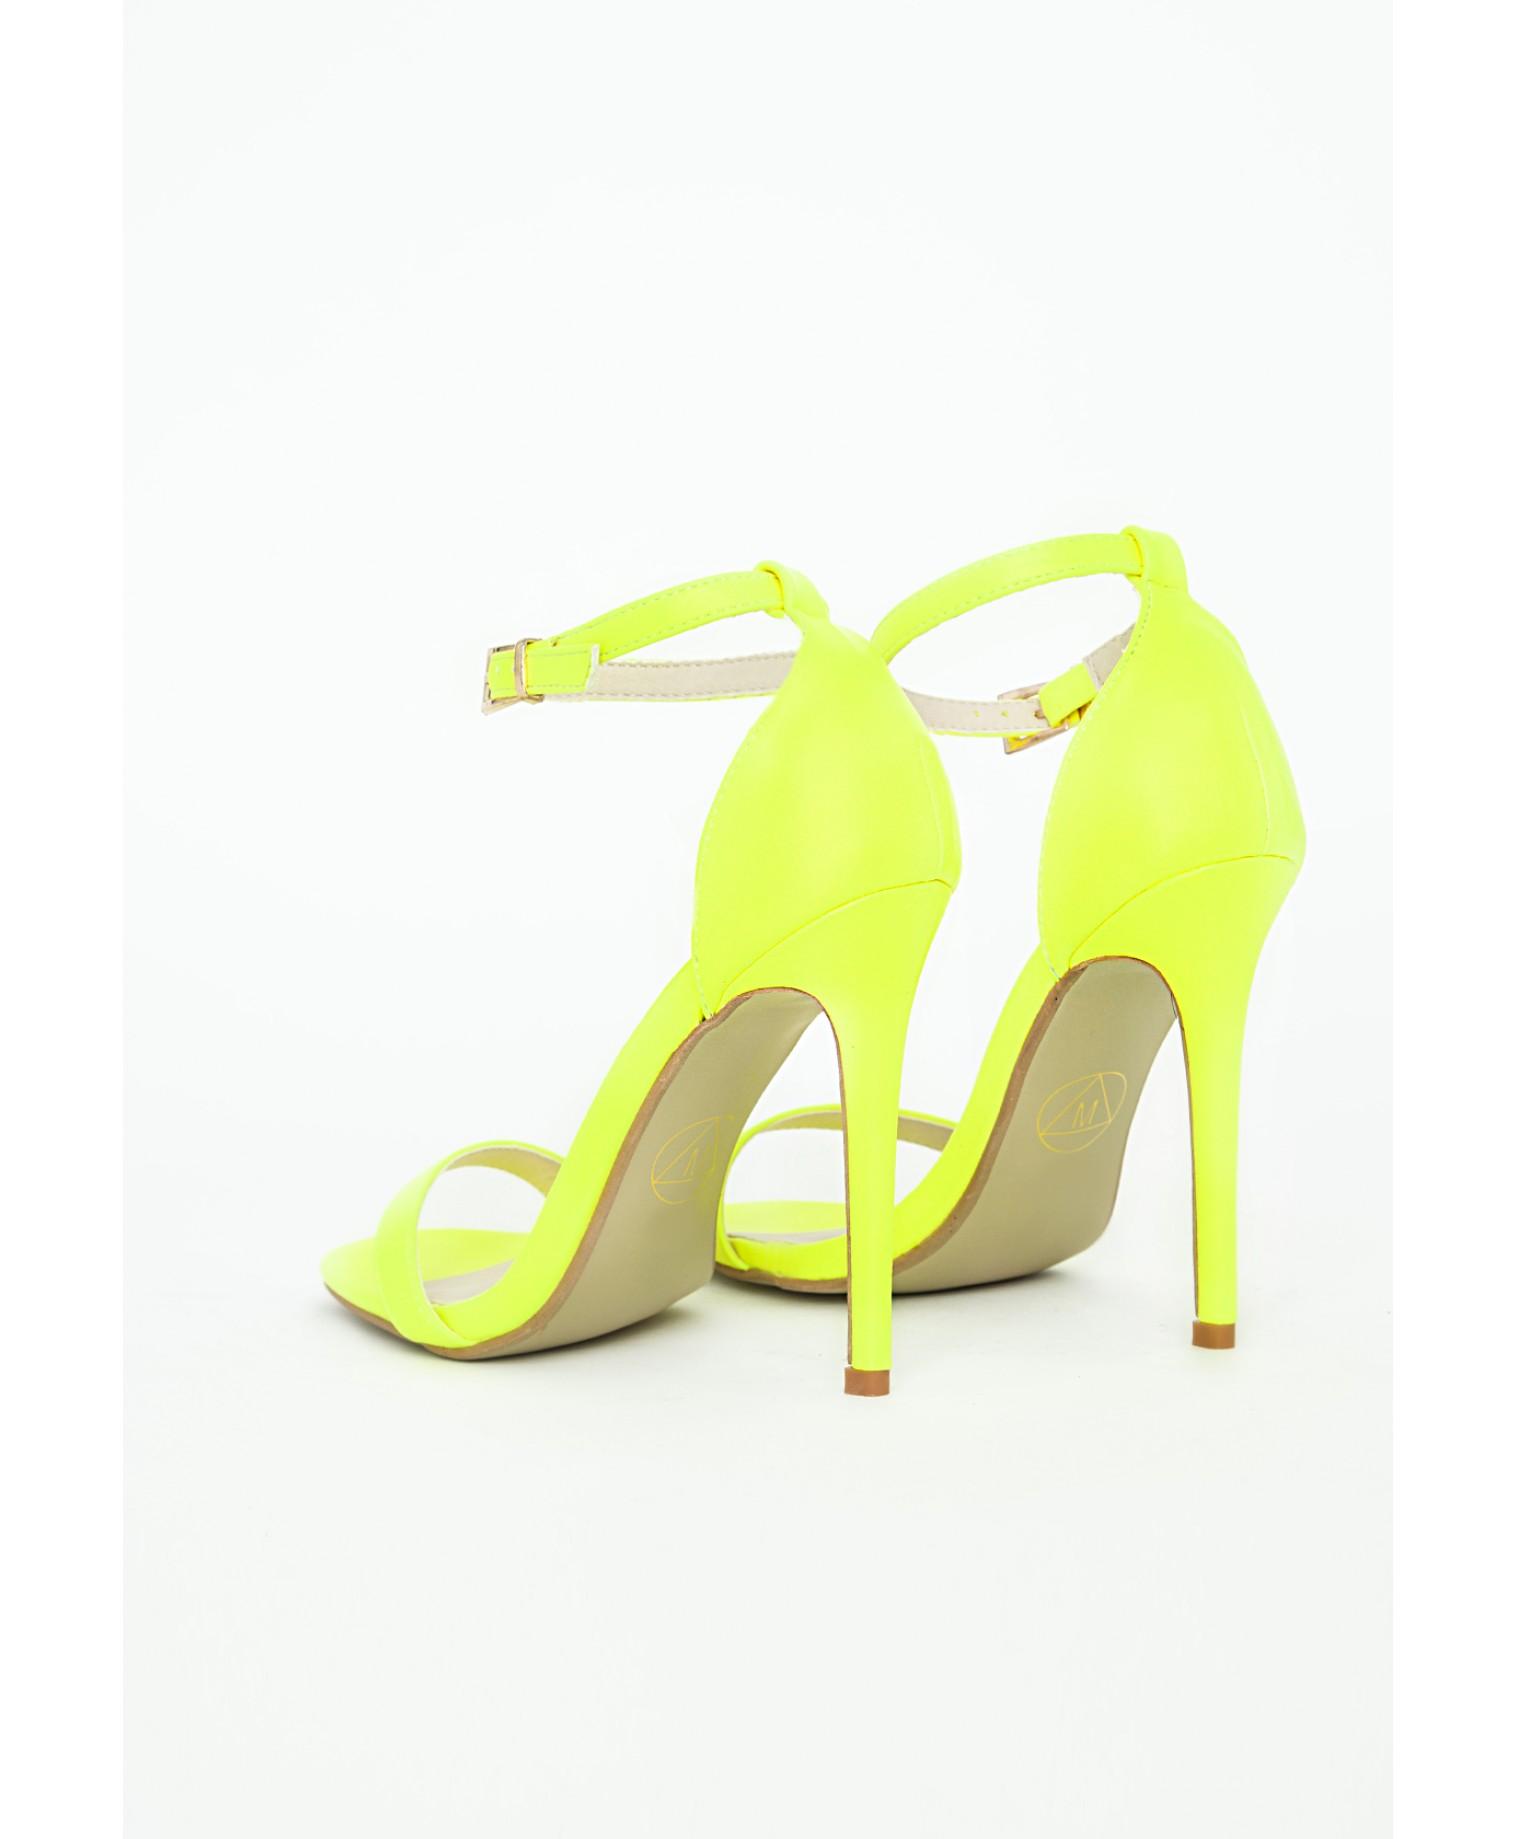 Cheap Gold High Heels For Women  Is Heel - Part 474